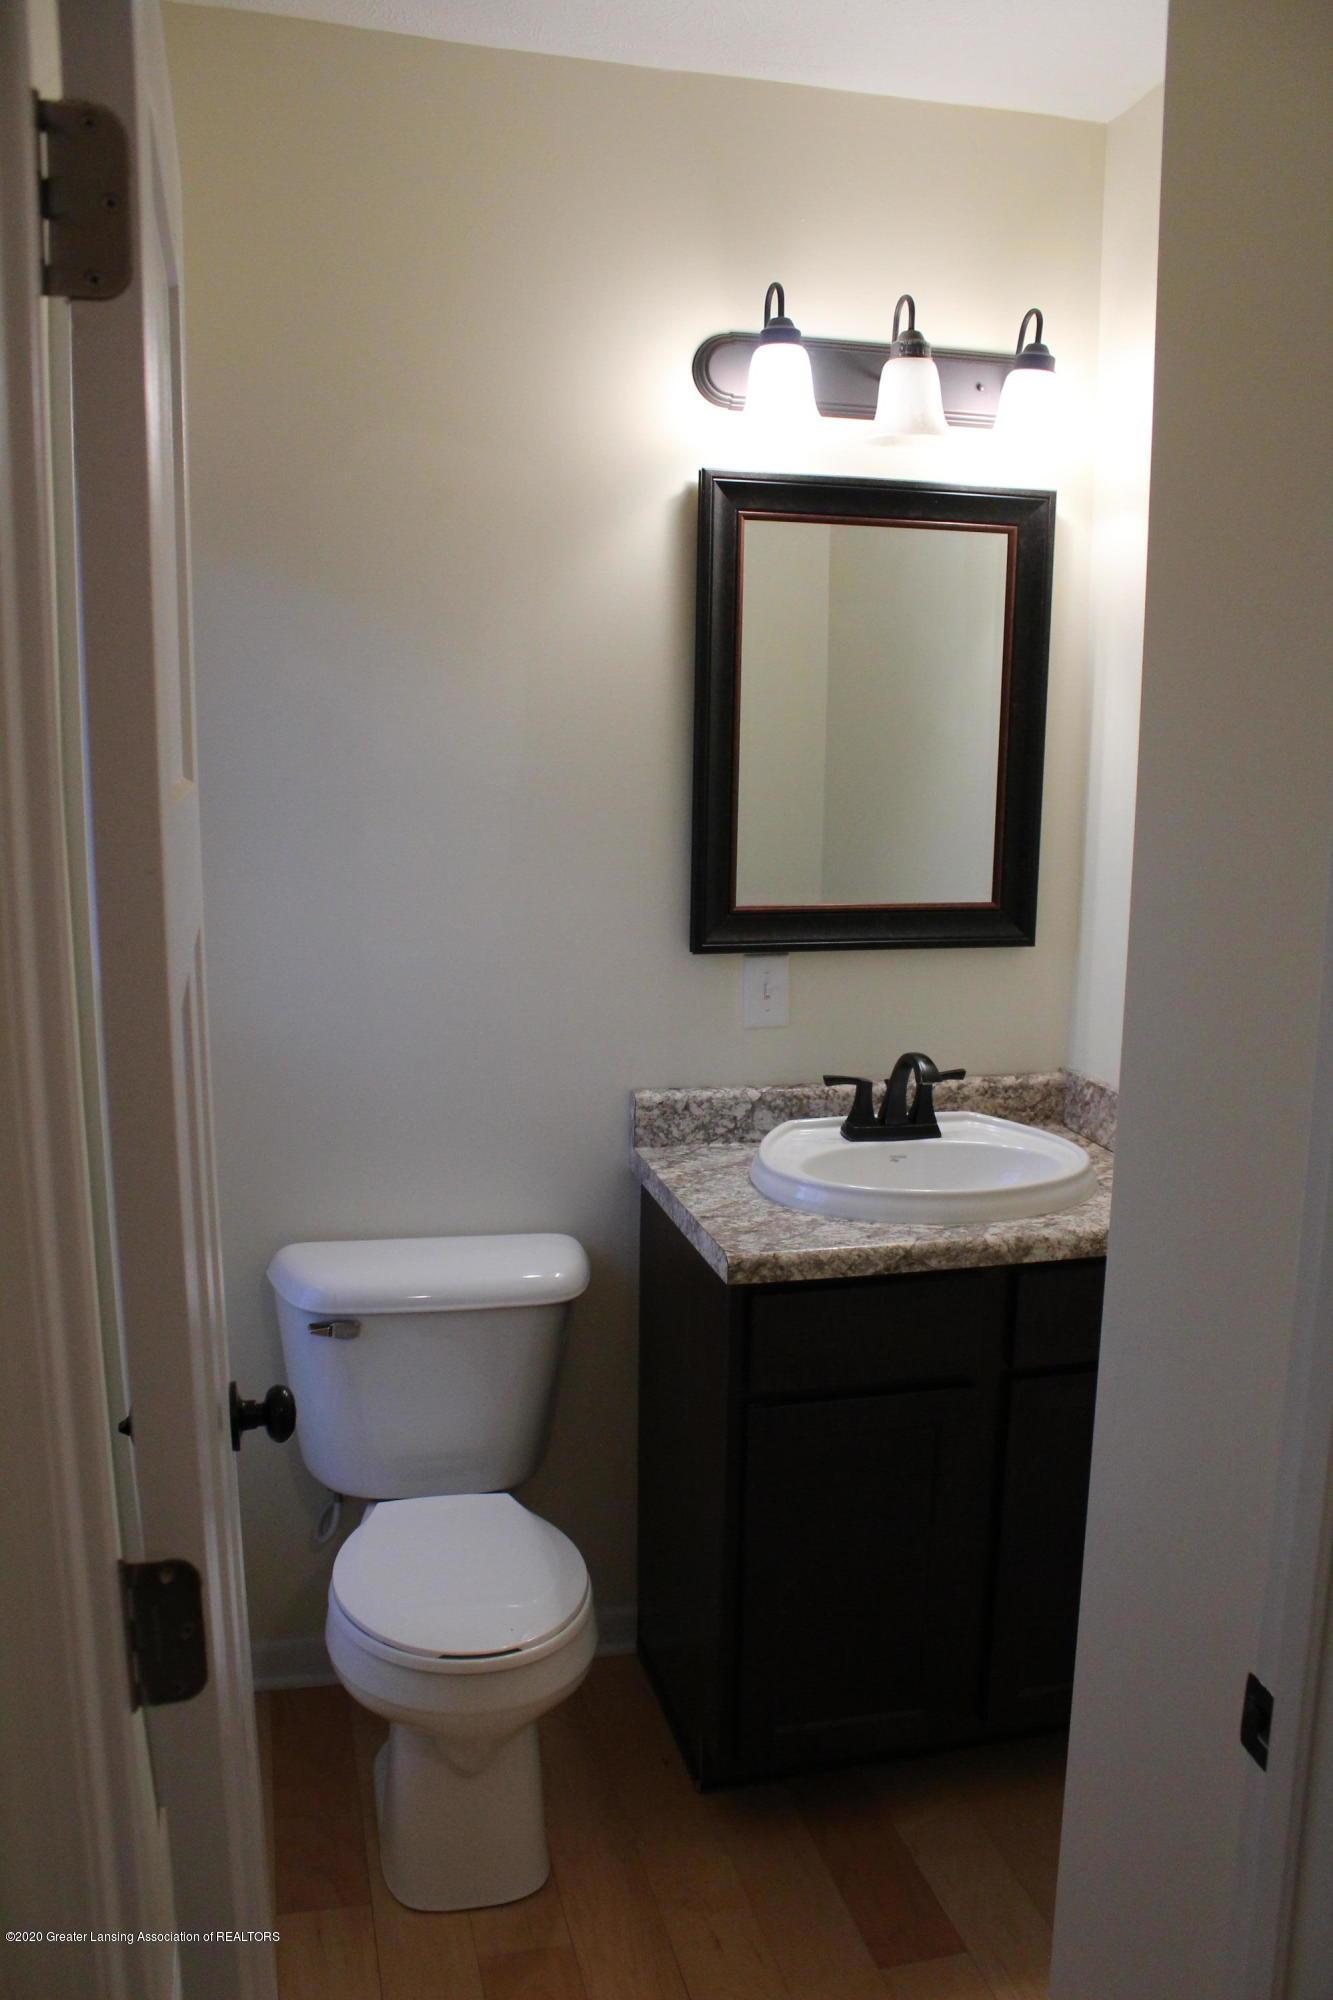 901 N Cochran Ave - 4 Level 1 bathroom - 4